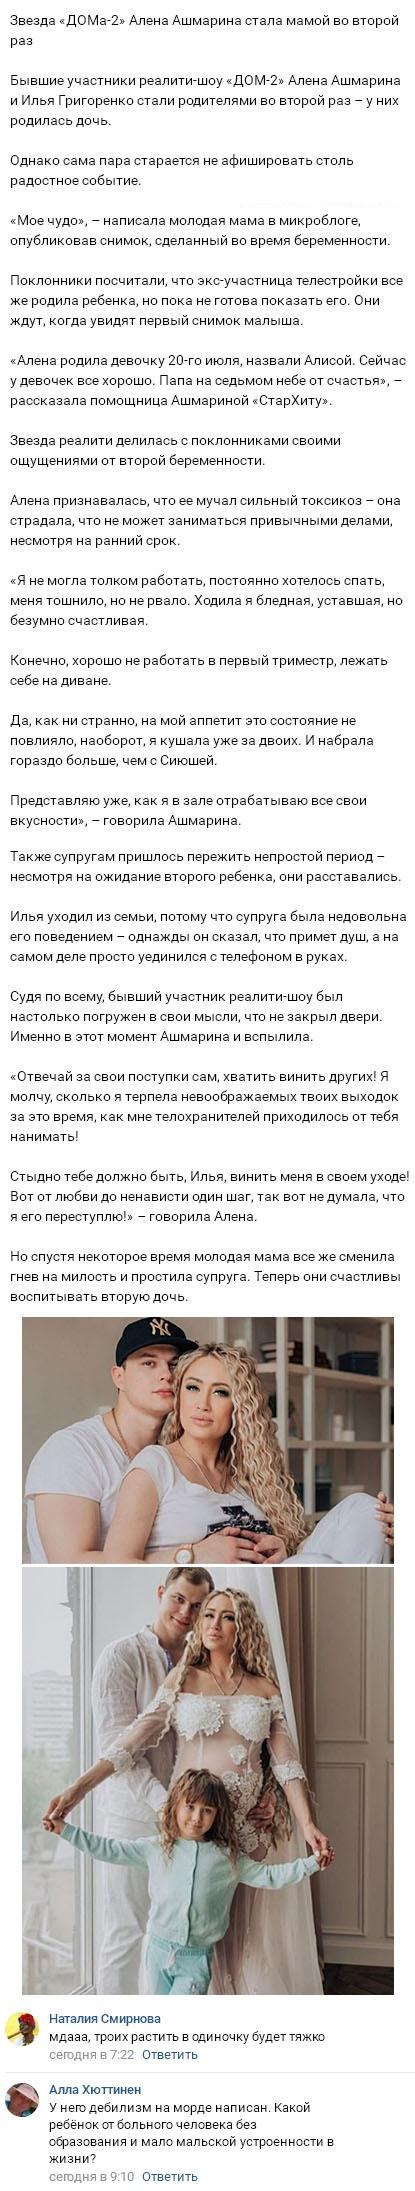 Алёна Ашмарина родила девочку от Ильи Григоренко